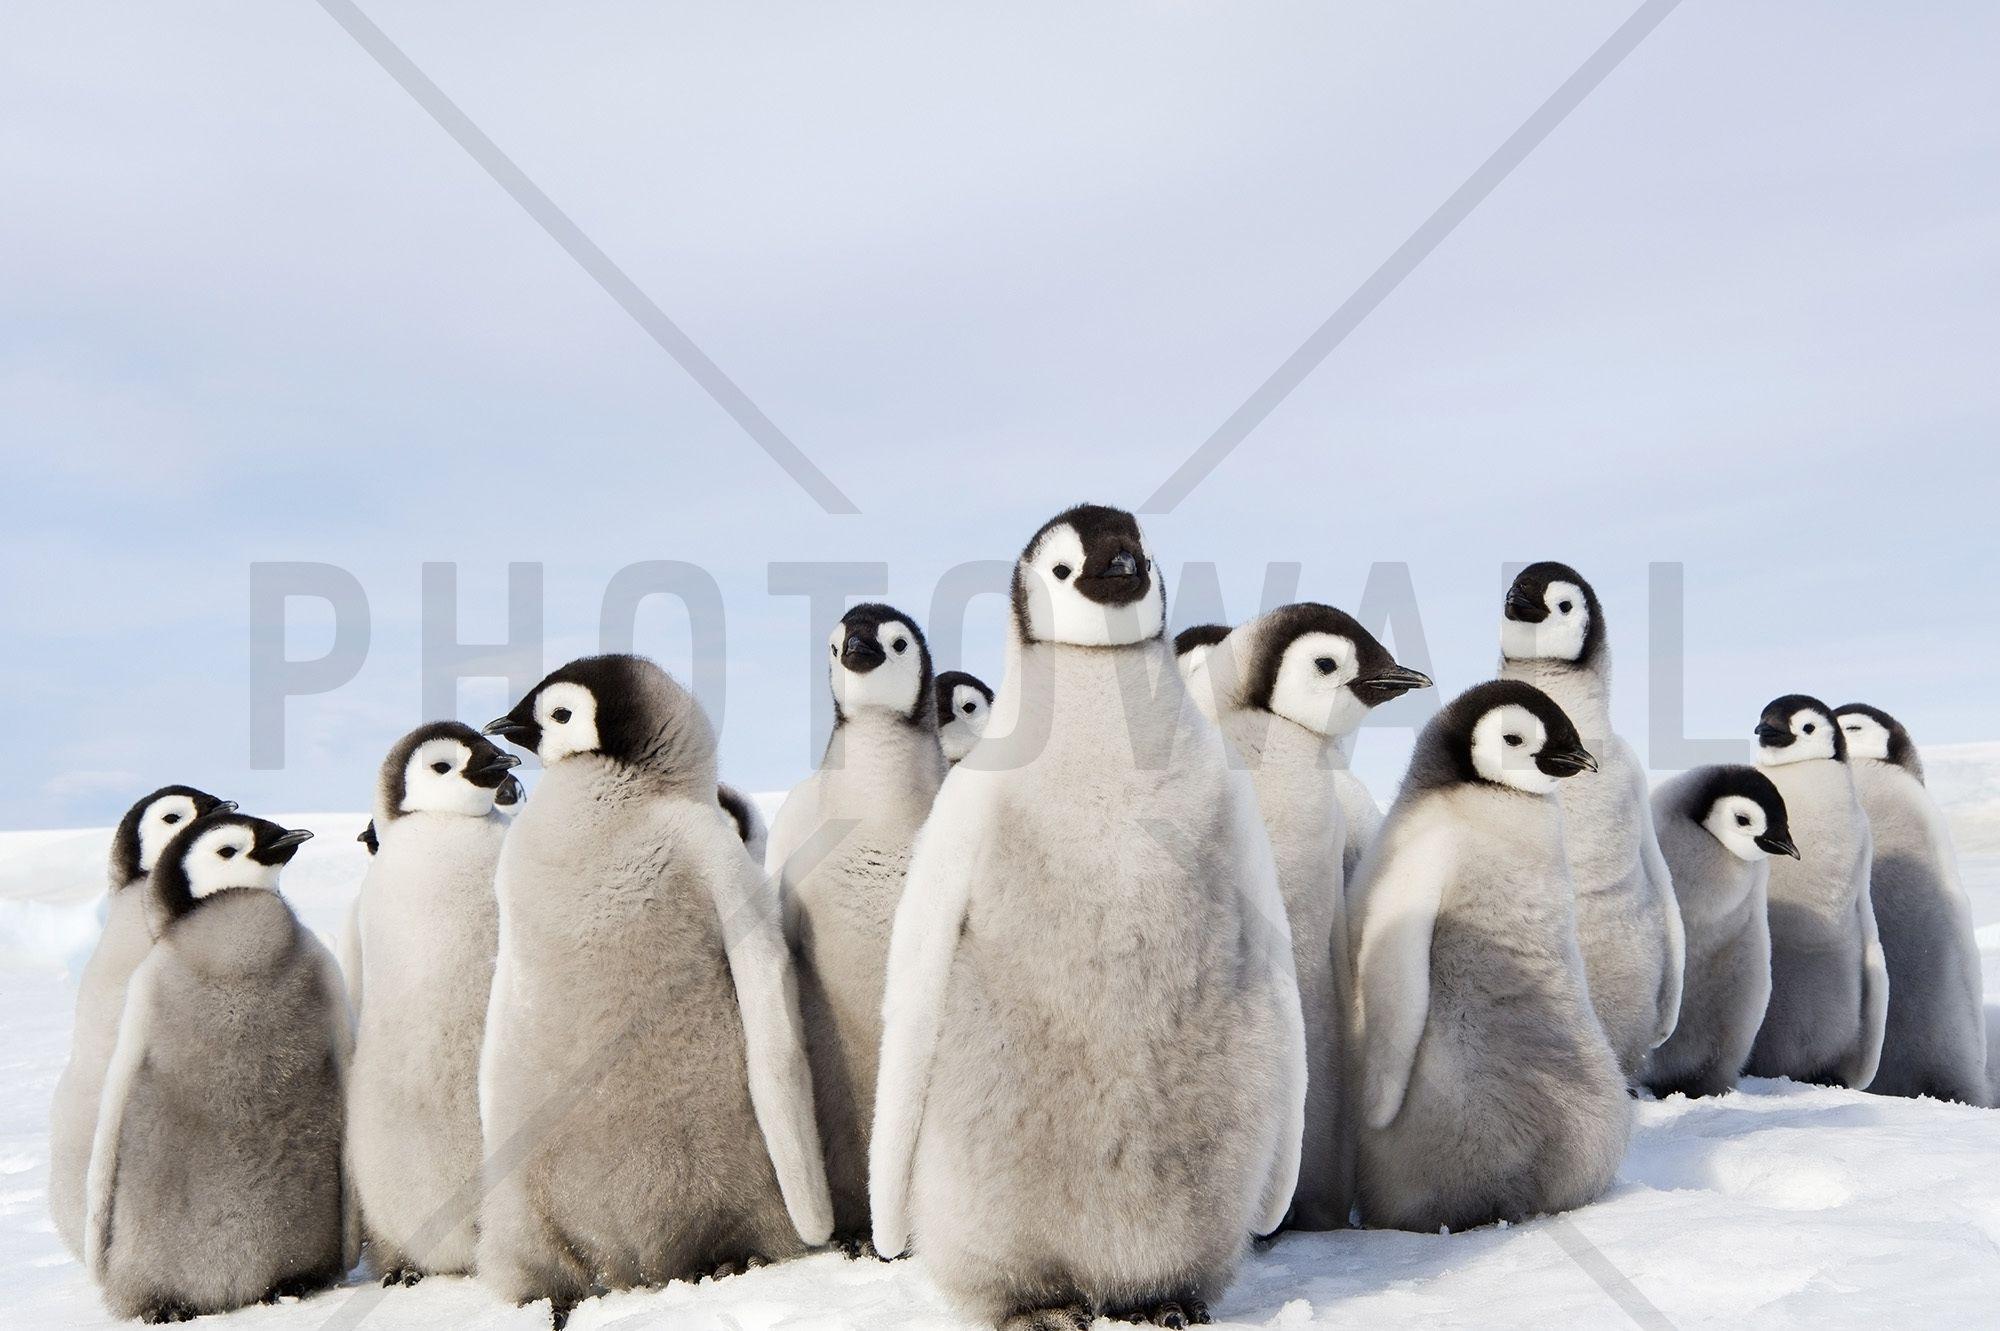 Group of Emperor Penguin Chicks - Fototapeter & Tapeter - Photowall